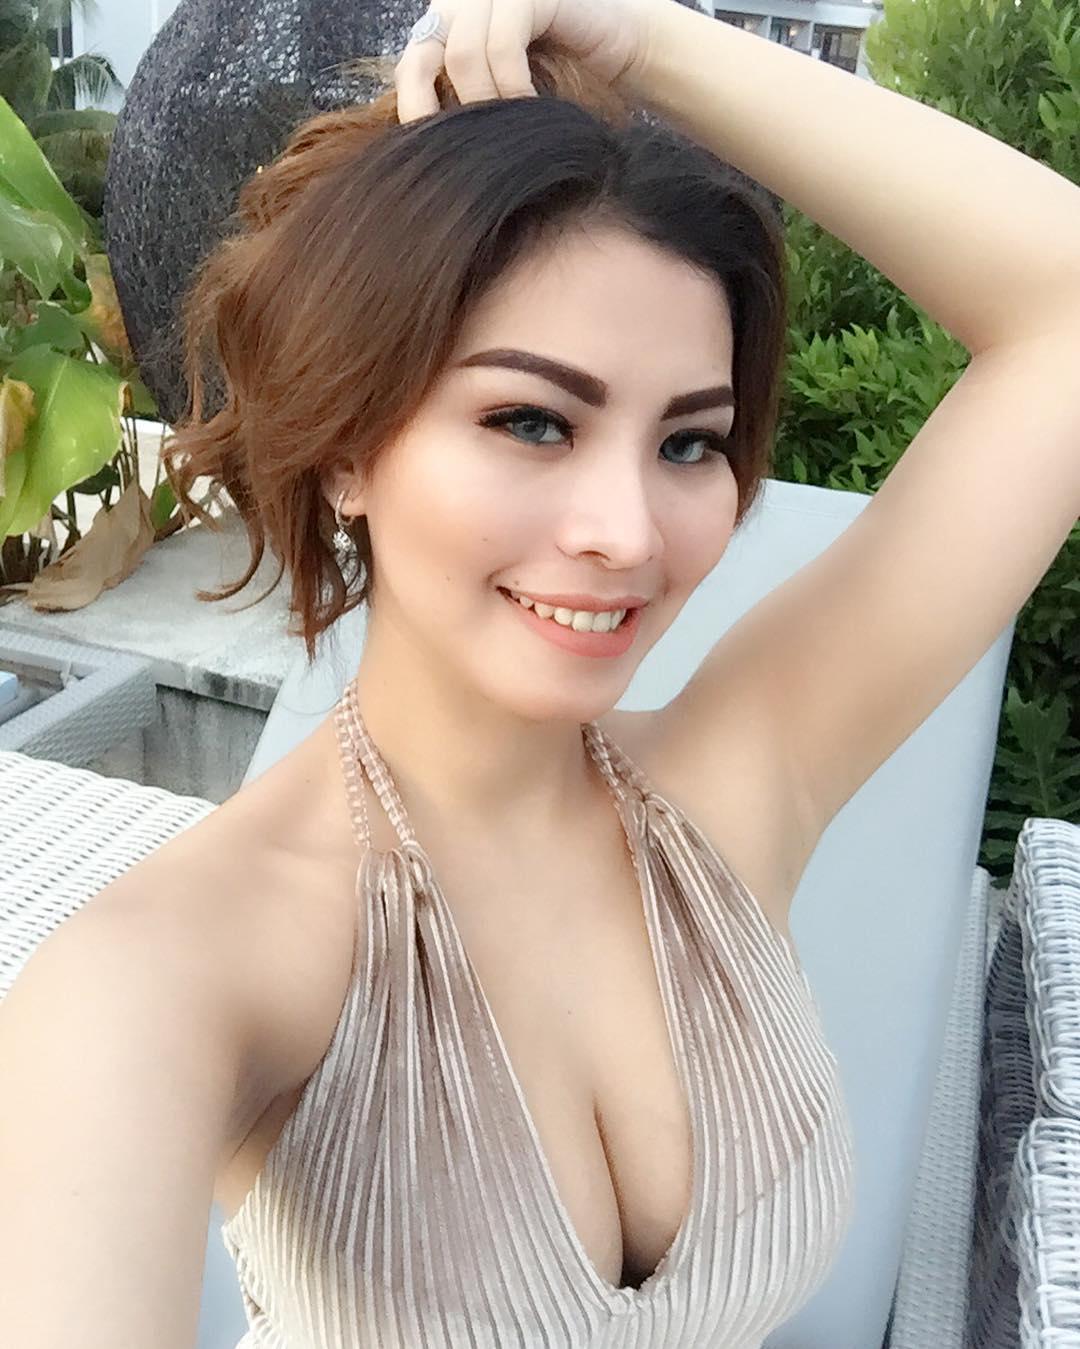 Pricyla Neva Sexy Selfie